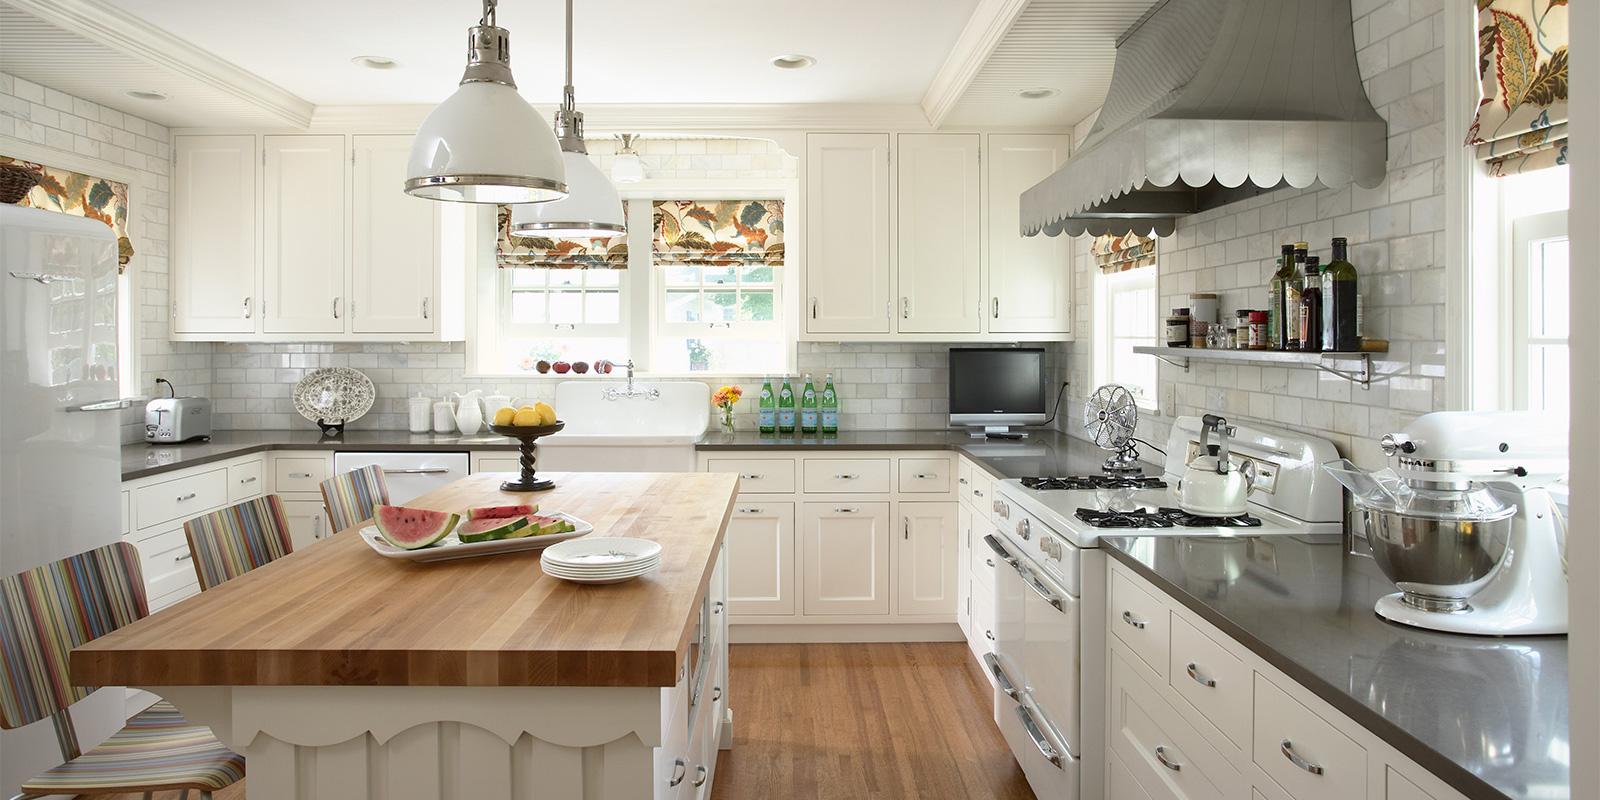 Vintage Kitchen - Rehkamp Larson Architects